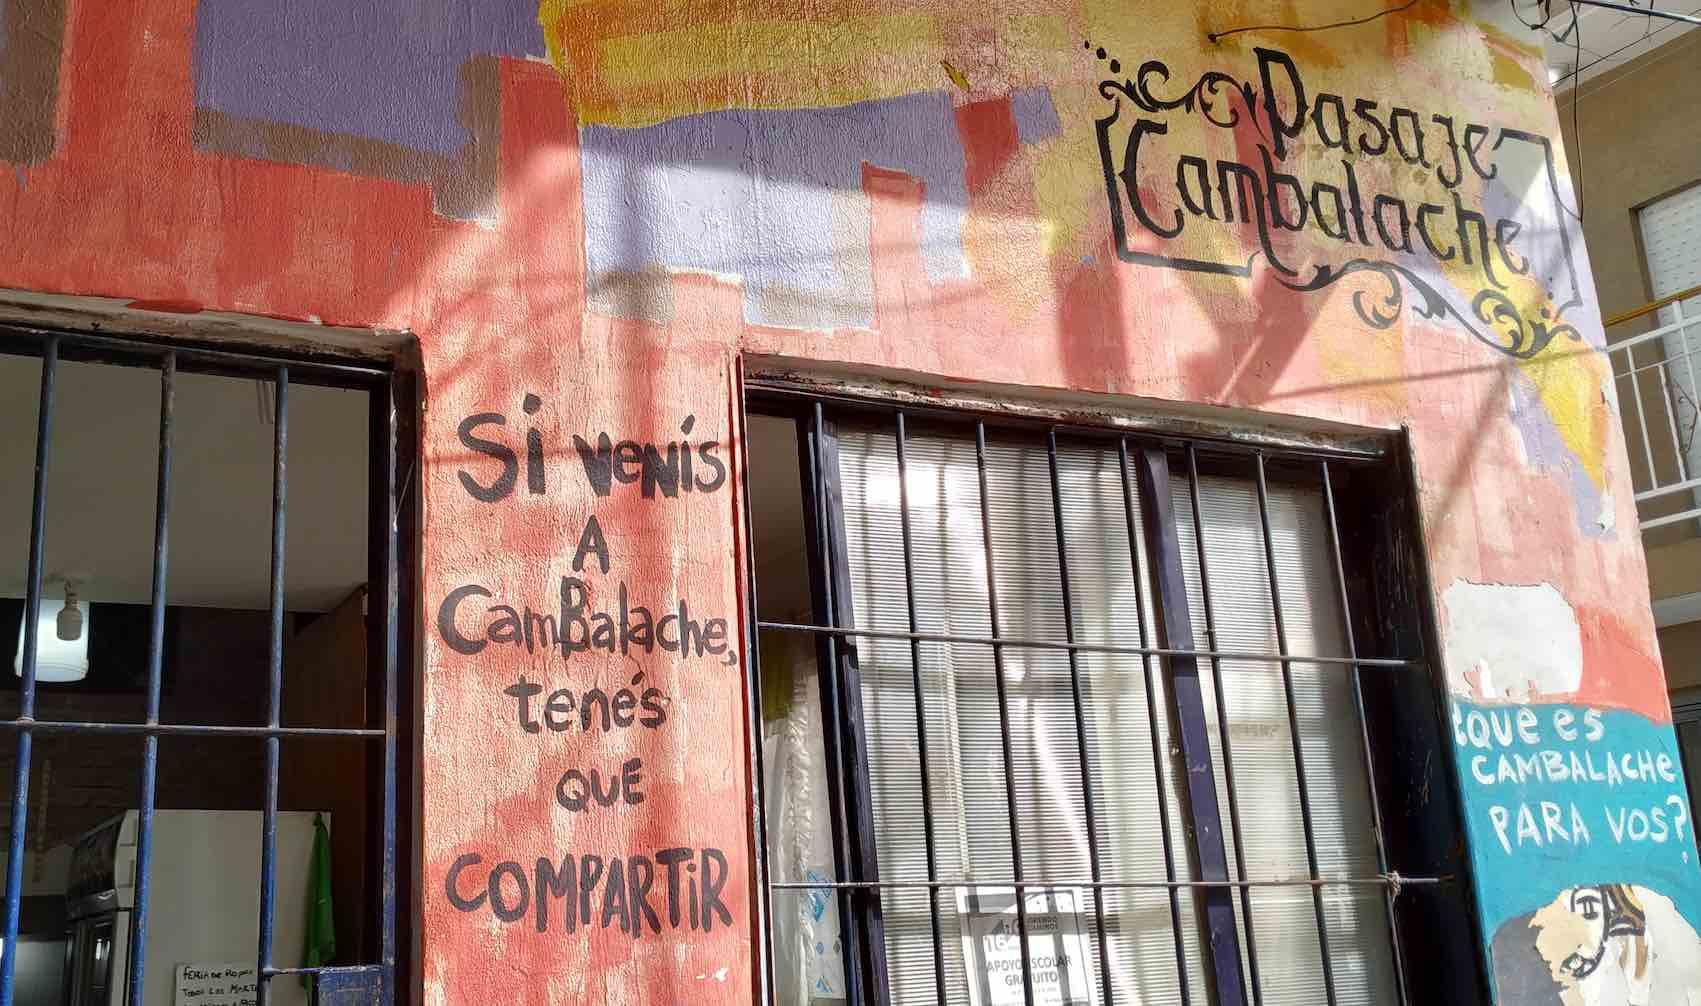 Proyecto Cambalache